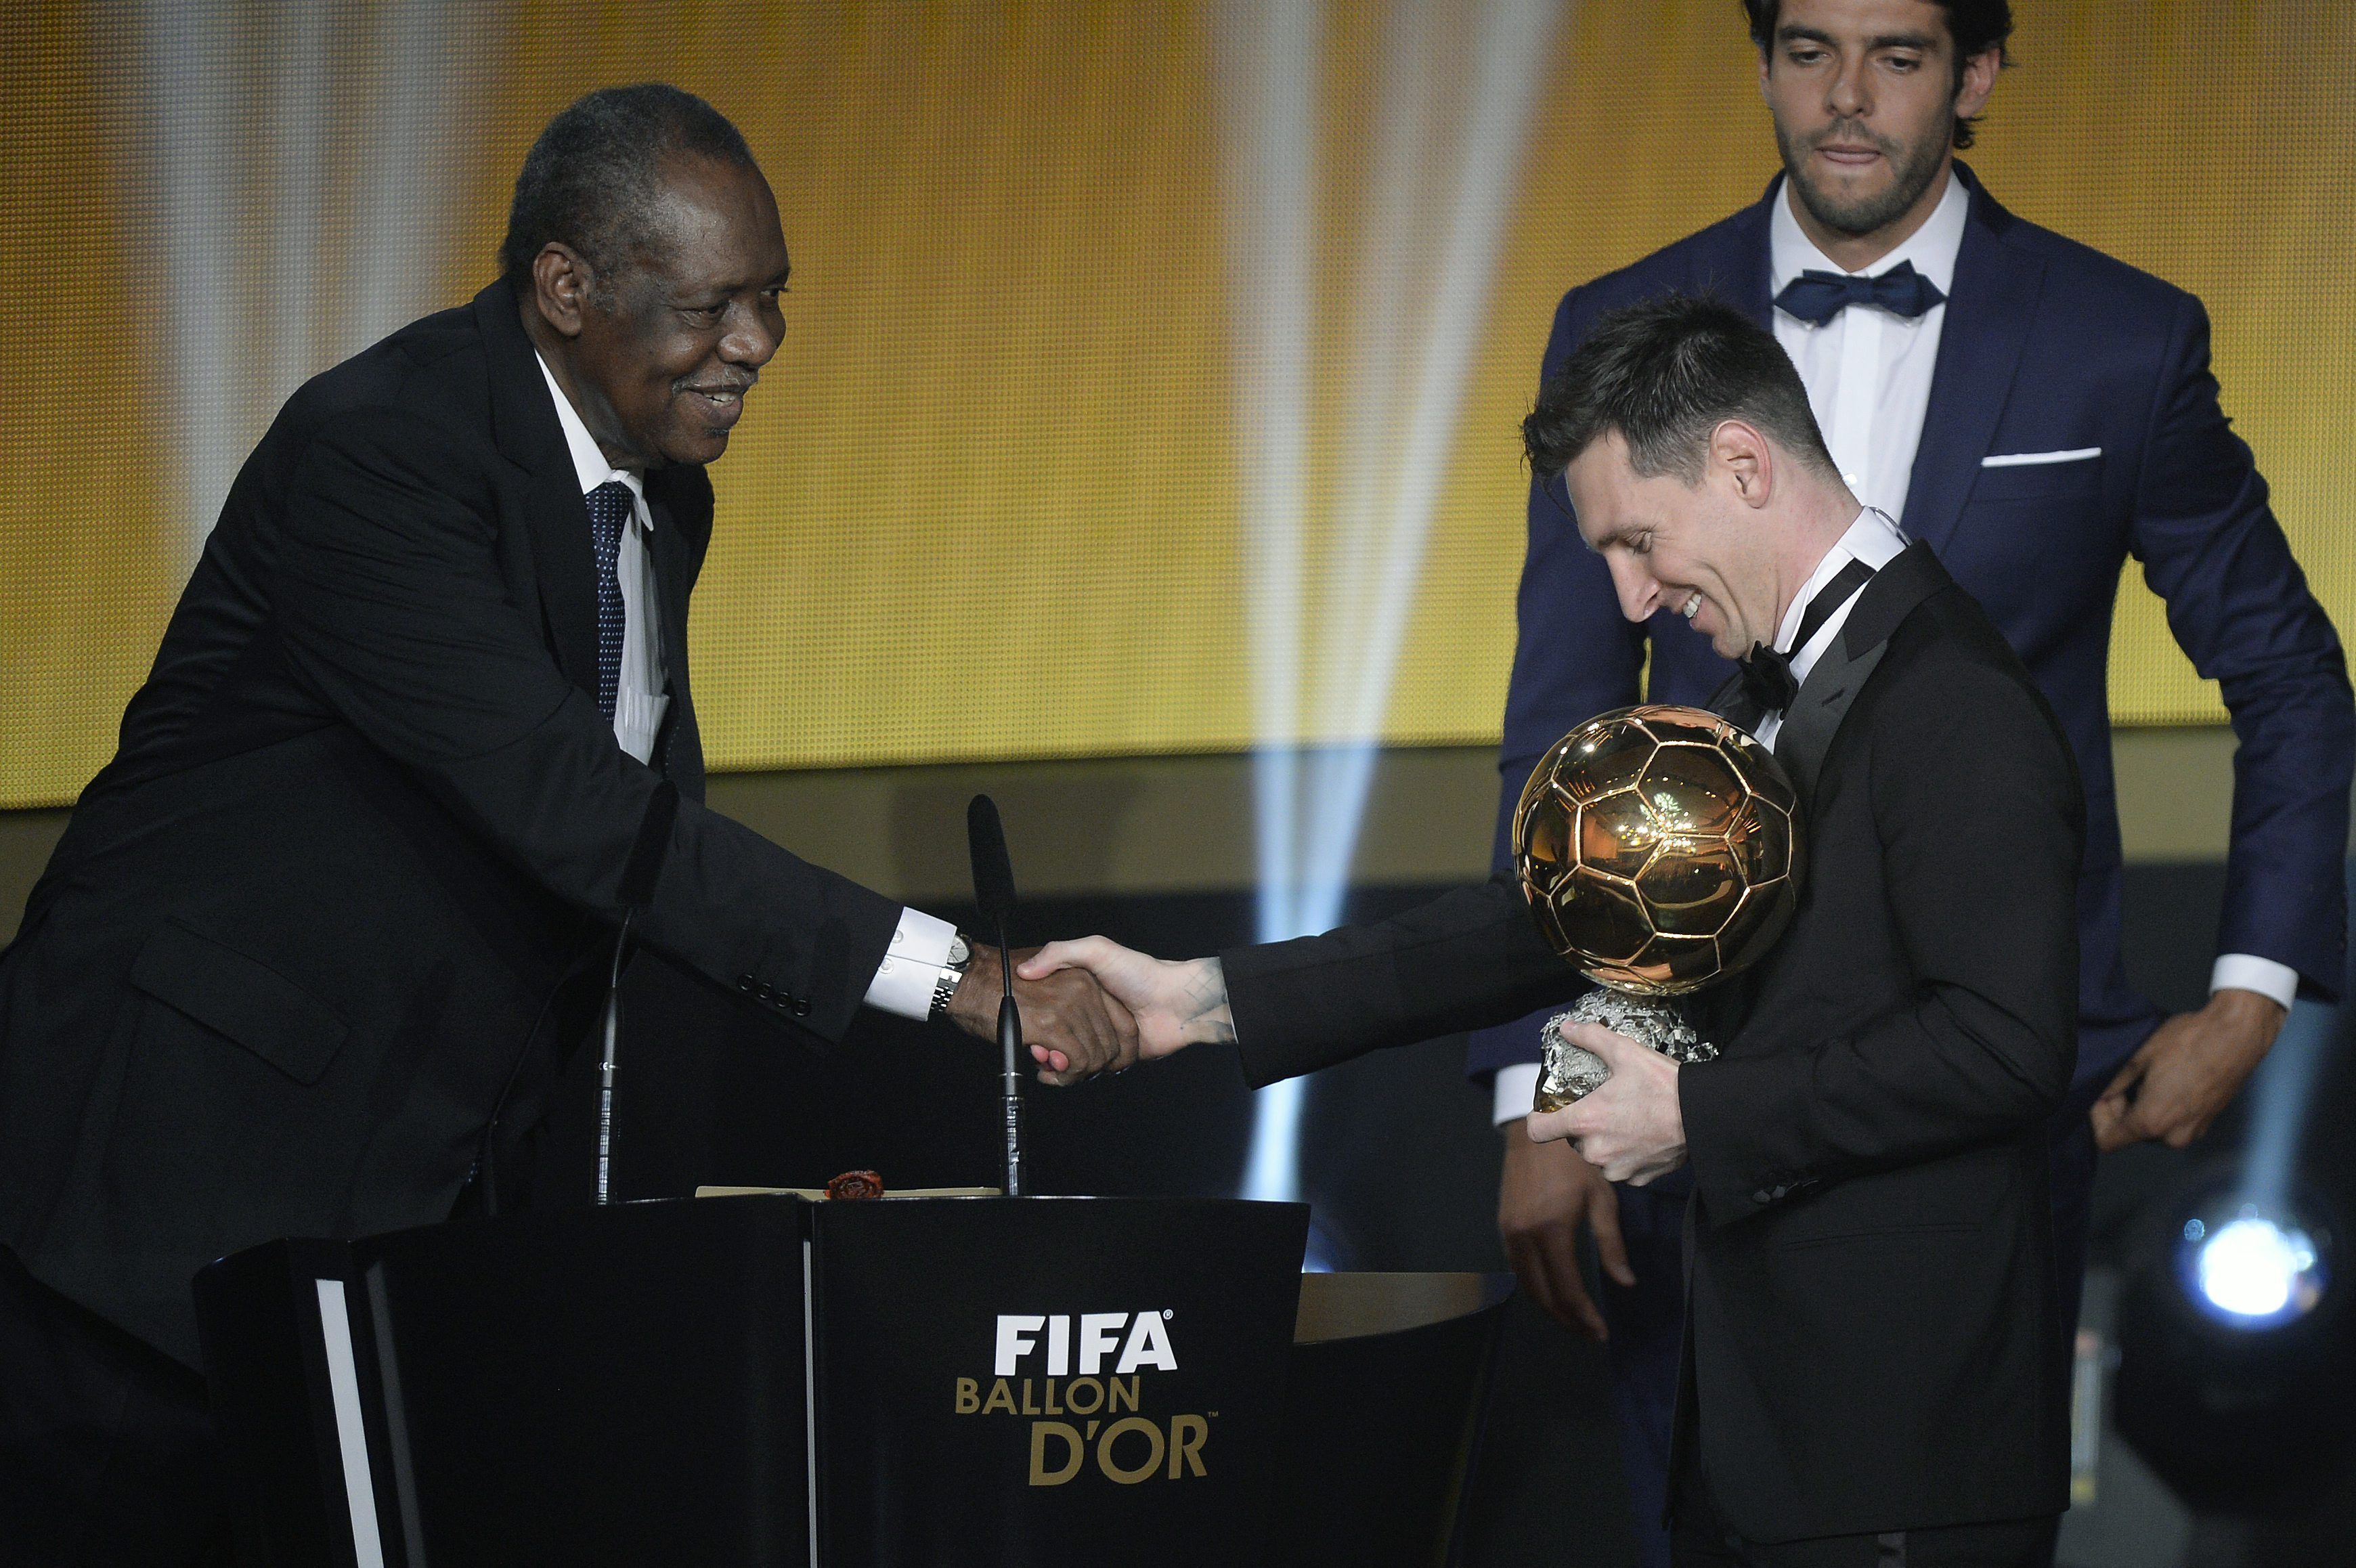 La entrega del Balón de Oro 2016, en imágenes